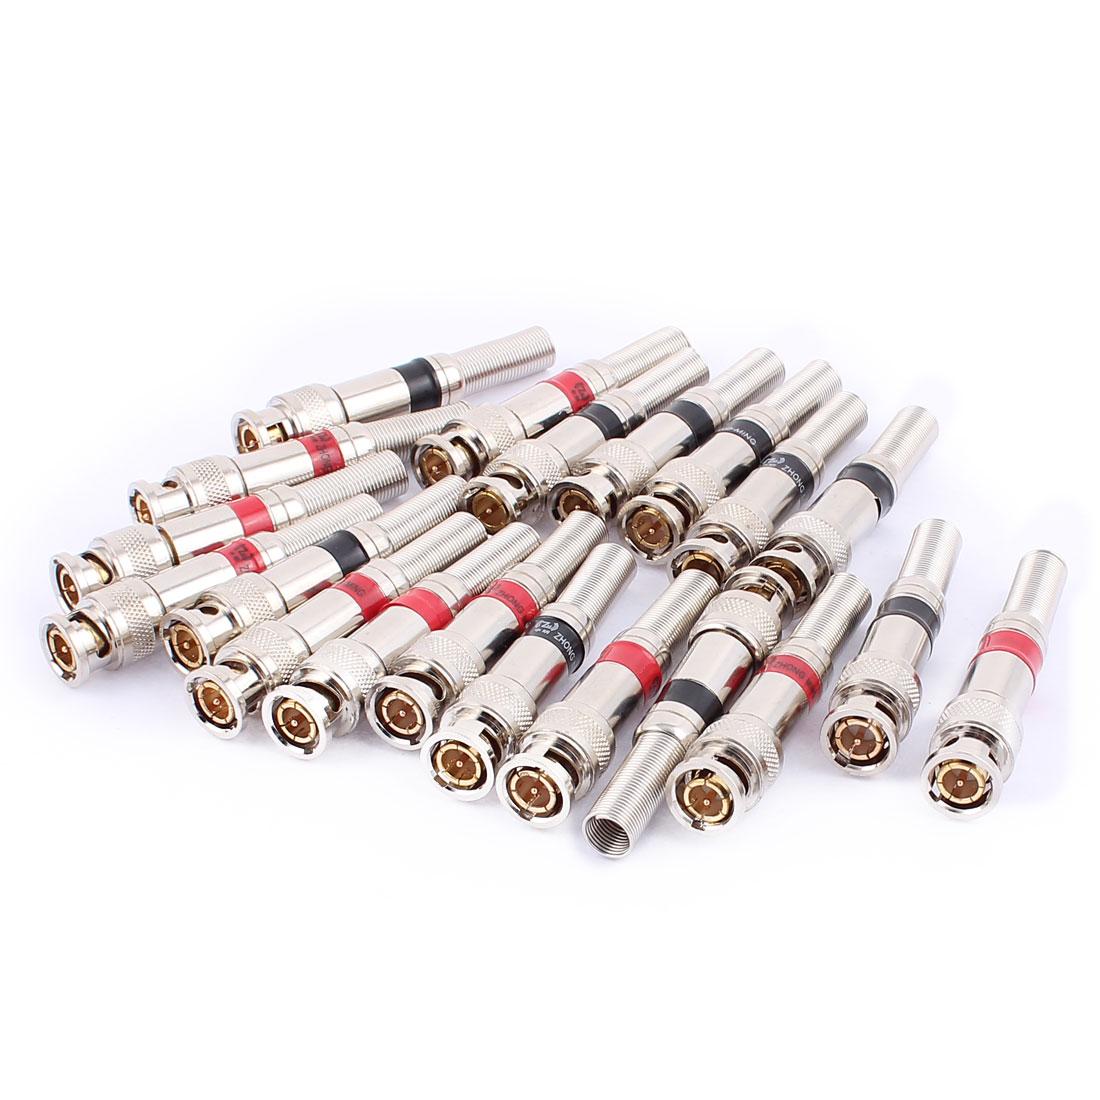 20 Pcs BNC Q9 Connector Adapters Copper Core High Temperature Resistant